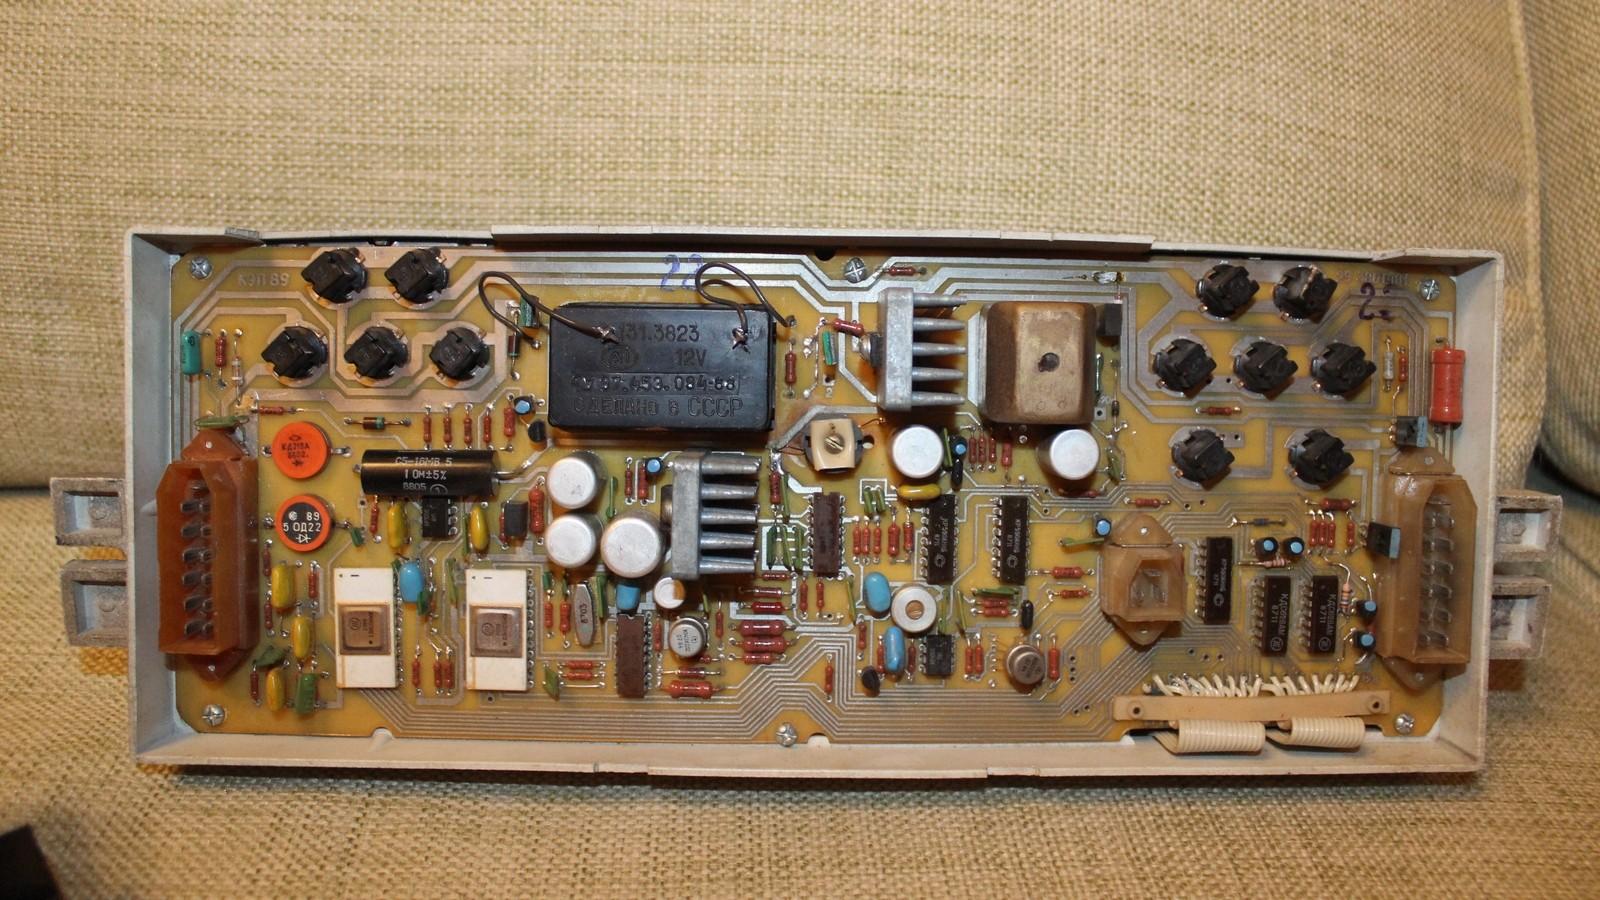 Начинка электронной комбинации радикально отличалась от обычных «приборок» с аналоговыми циферблатами и механическим приводом спидометра. Фото: Евгений Карпунин